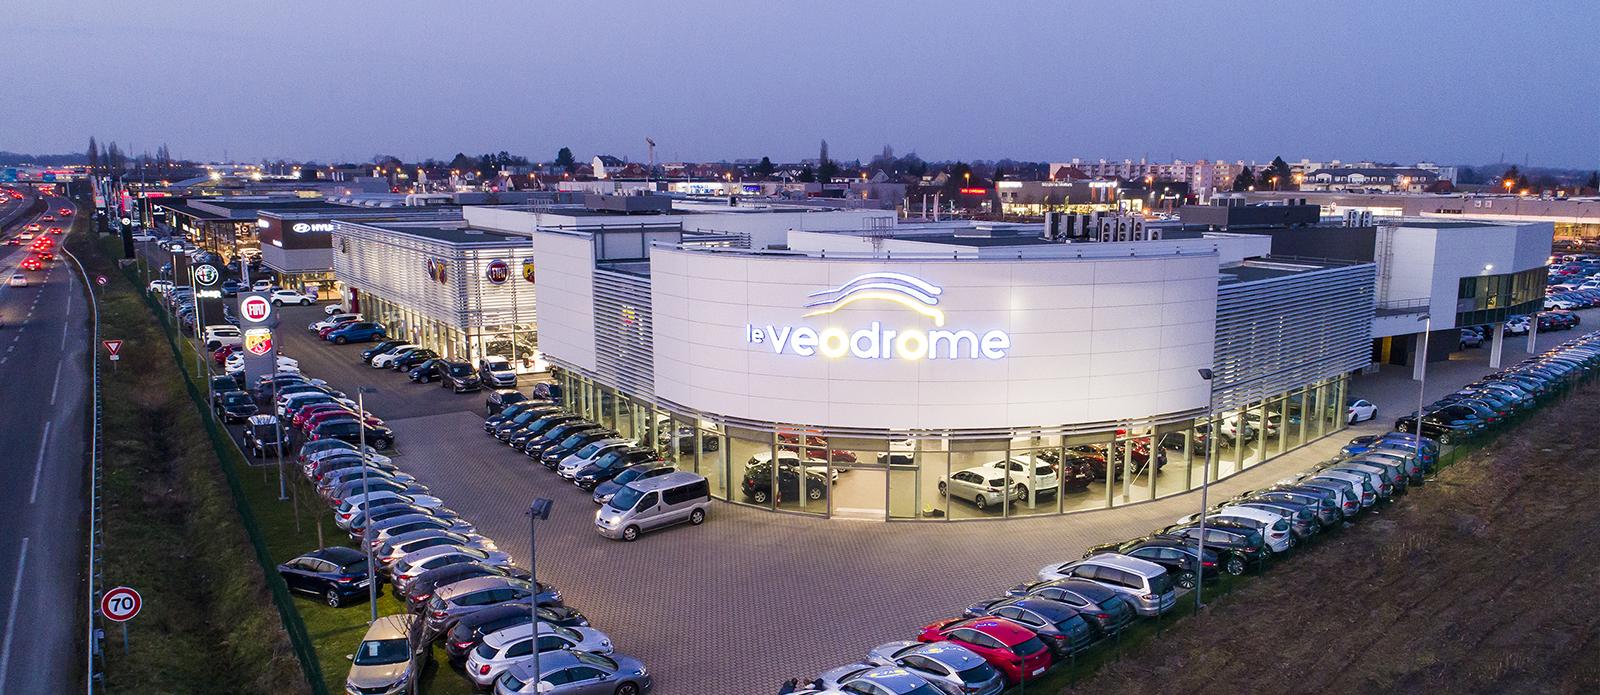 CONCOURS Le Veodrome 3.0 <br> Créez notre nouvelle identité visuelle et gagnez 5000€